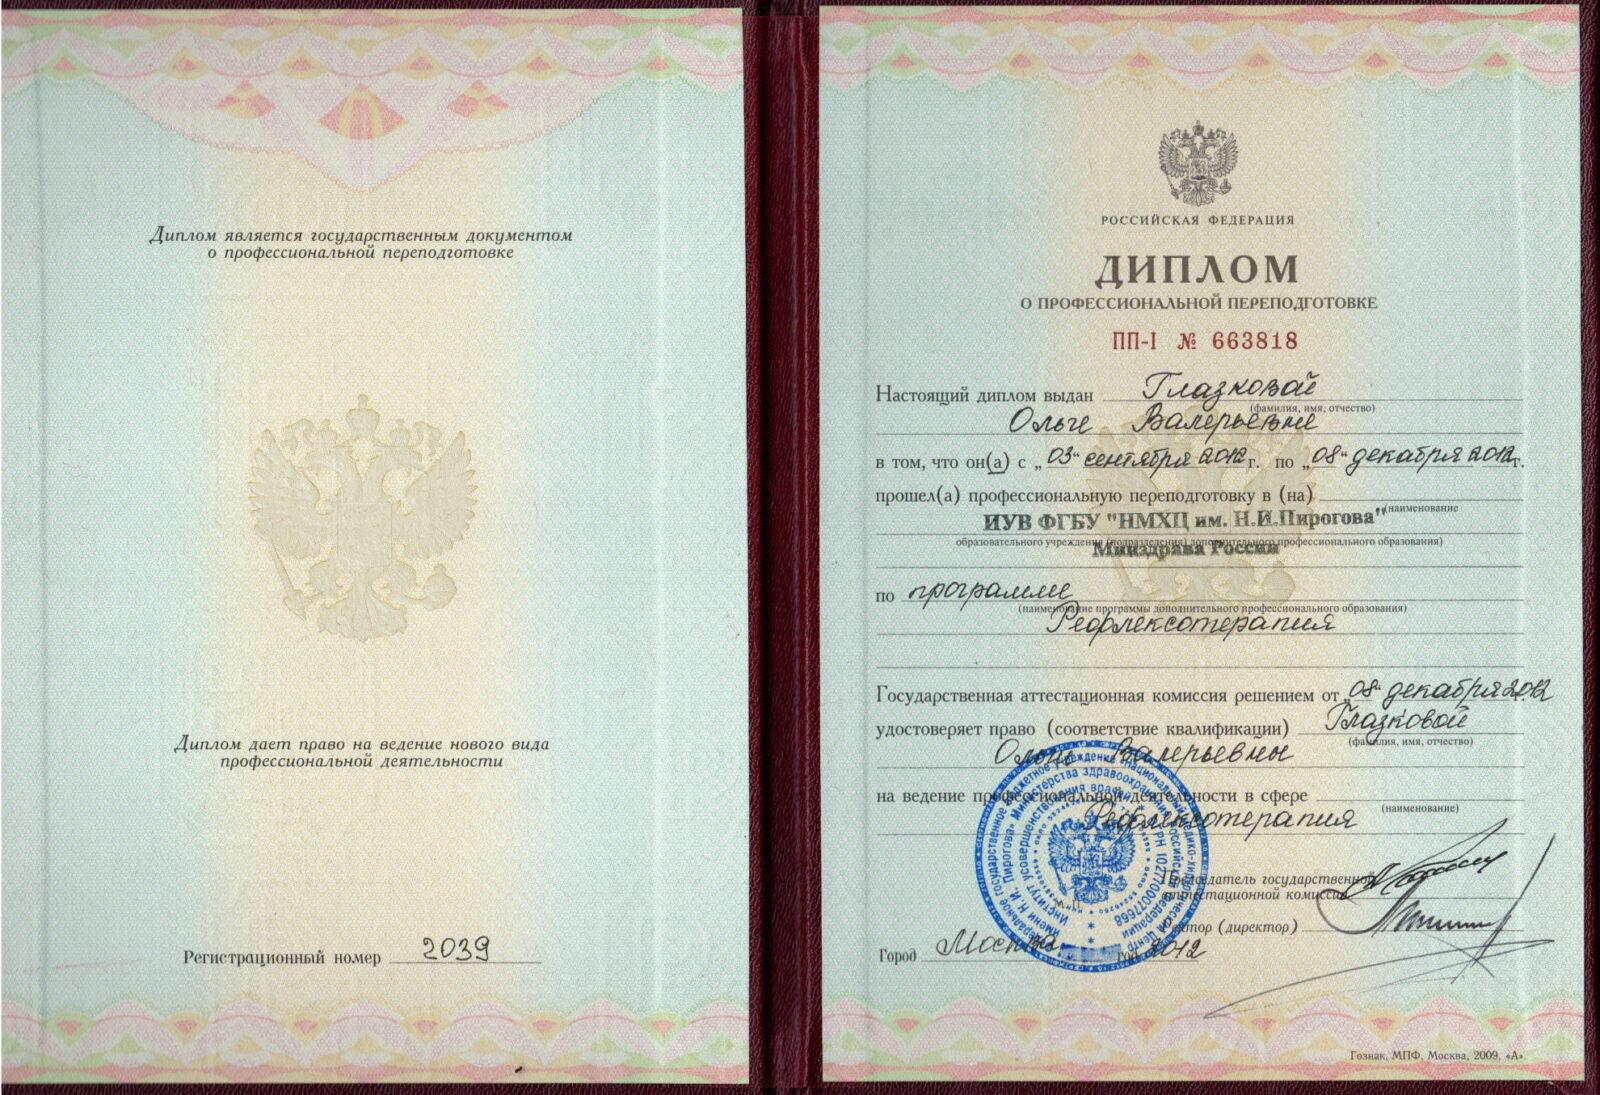 2012.12.08 Диплом